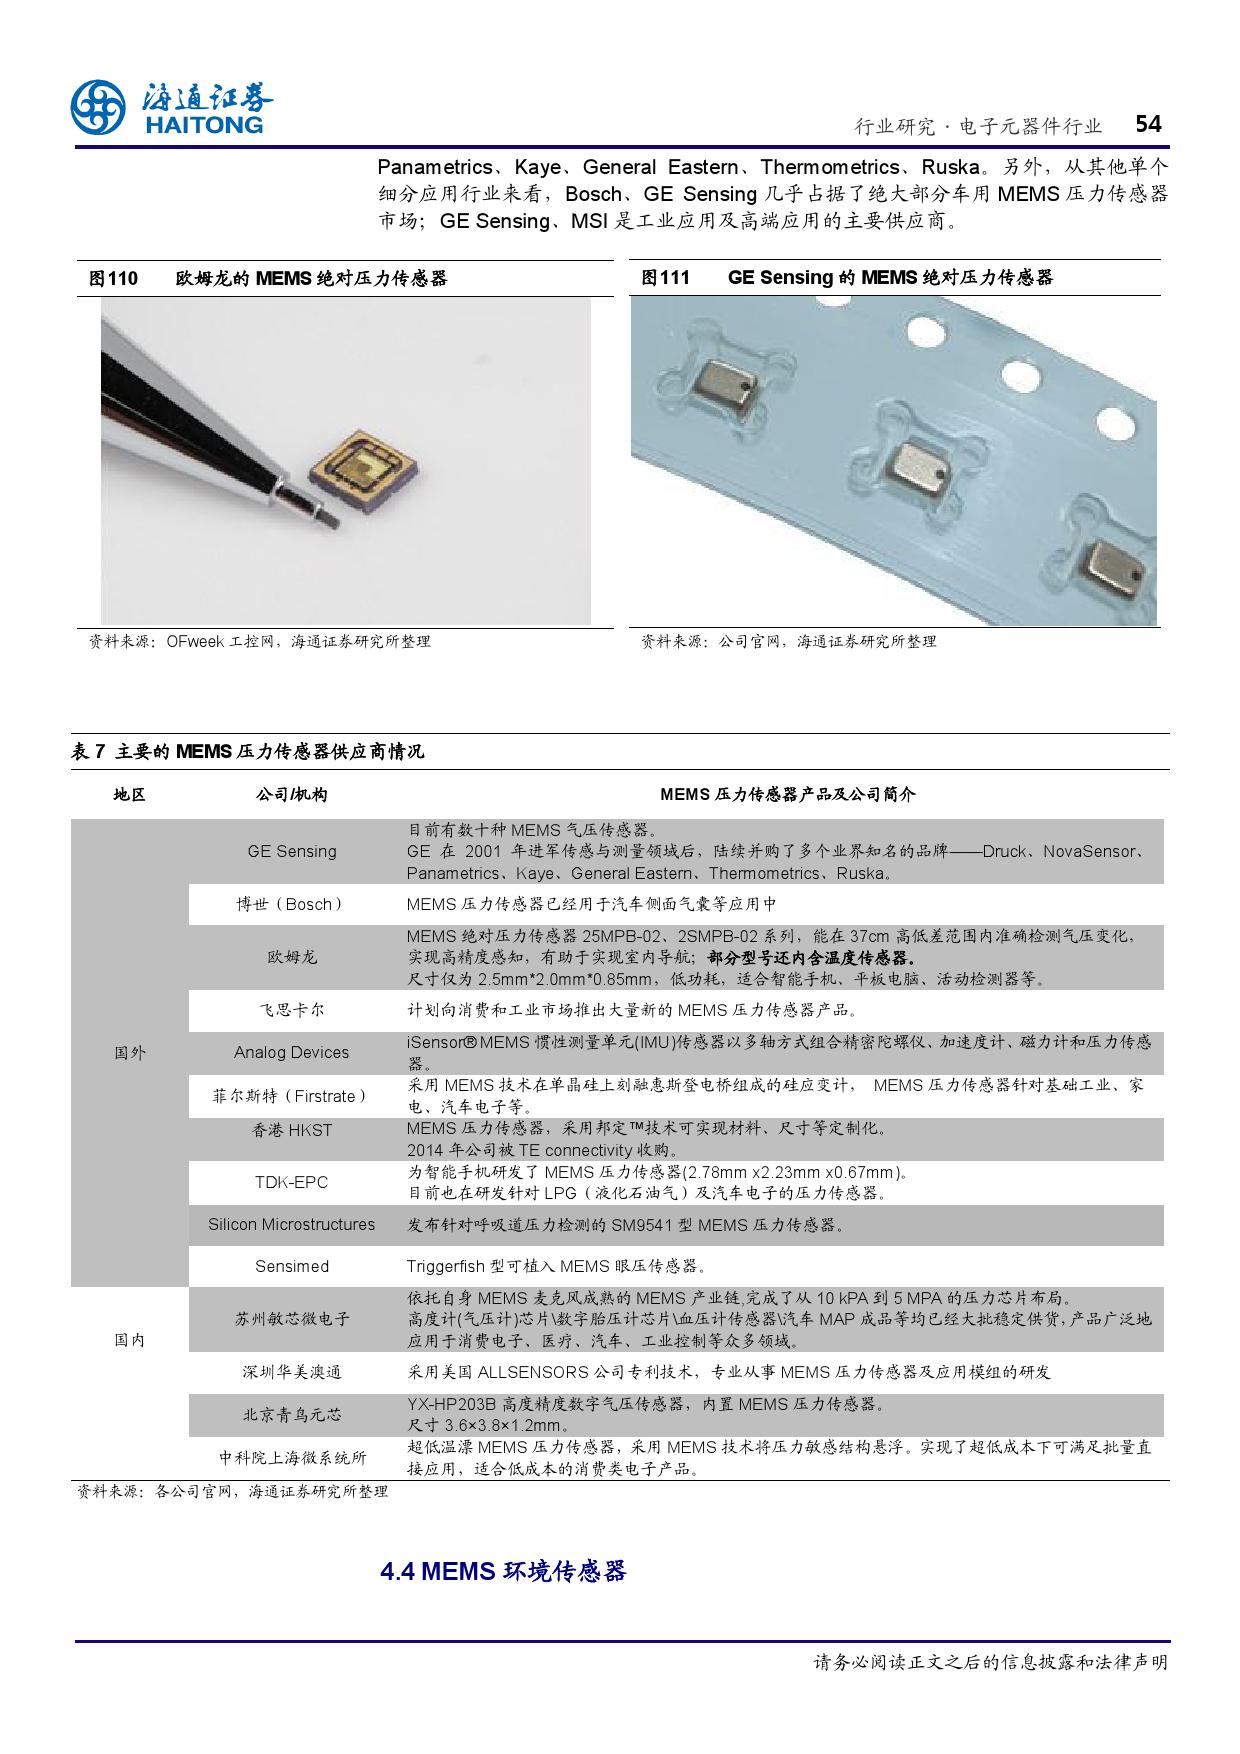 报告全解传感器全球产业链_000054